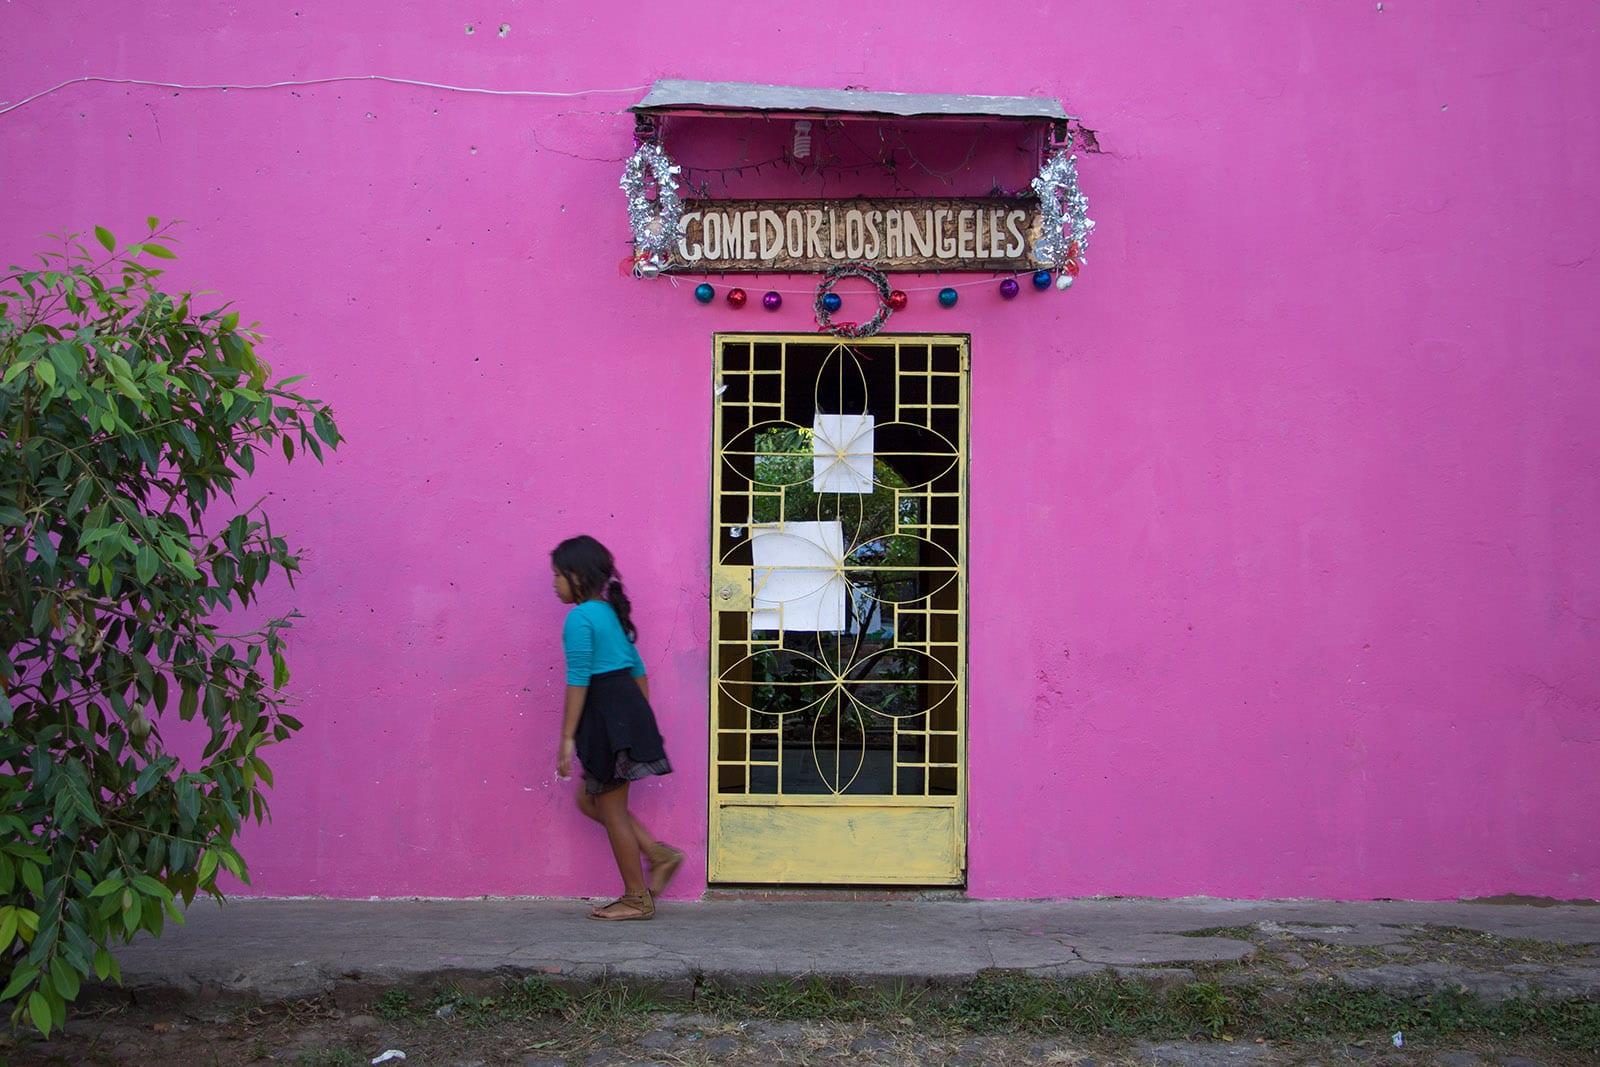 El Salvador Sehenswürdigkeiten & Highlights – ein buntes Haus in Suchitoto